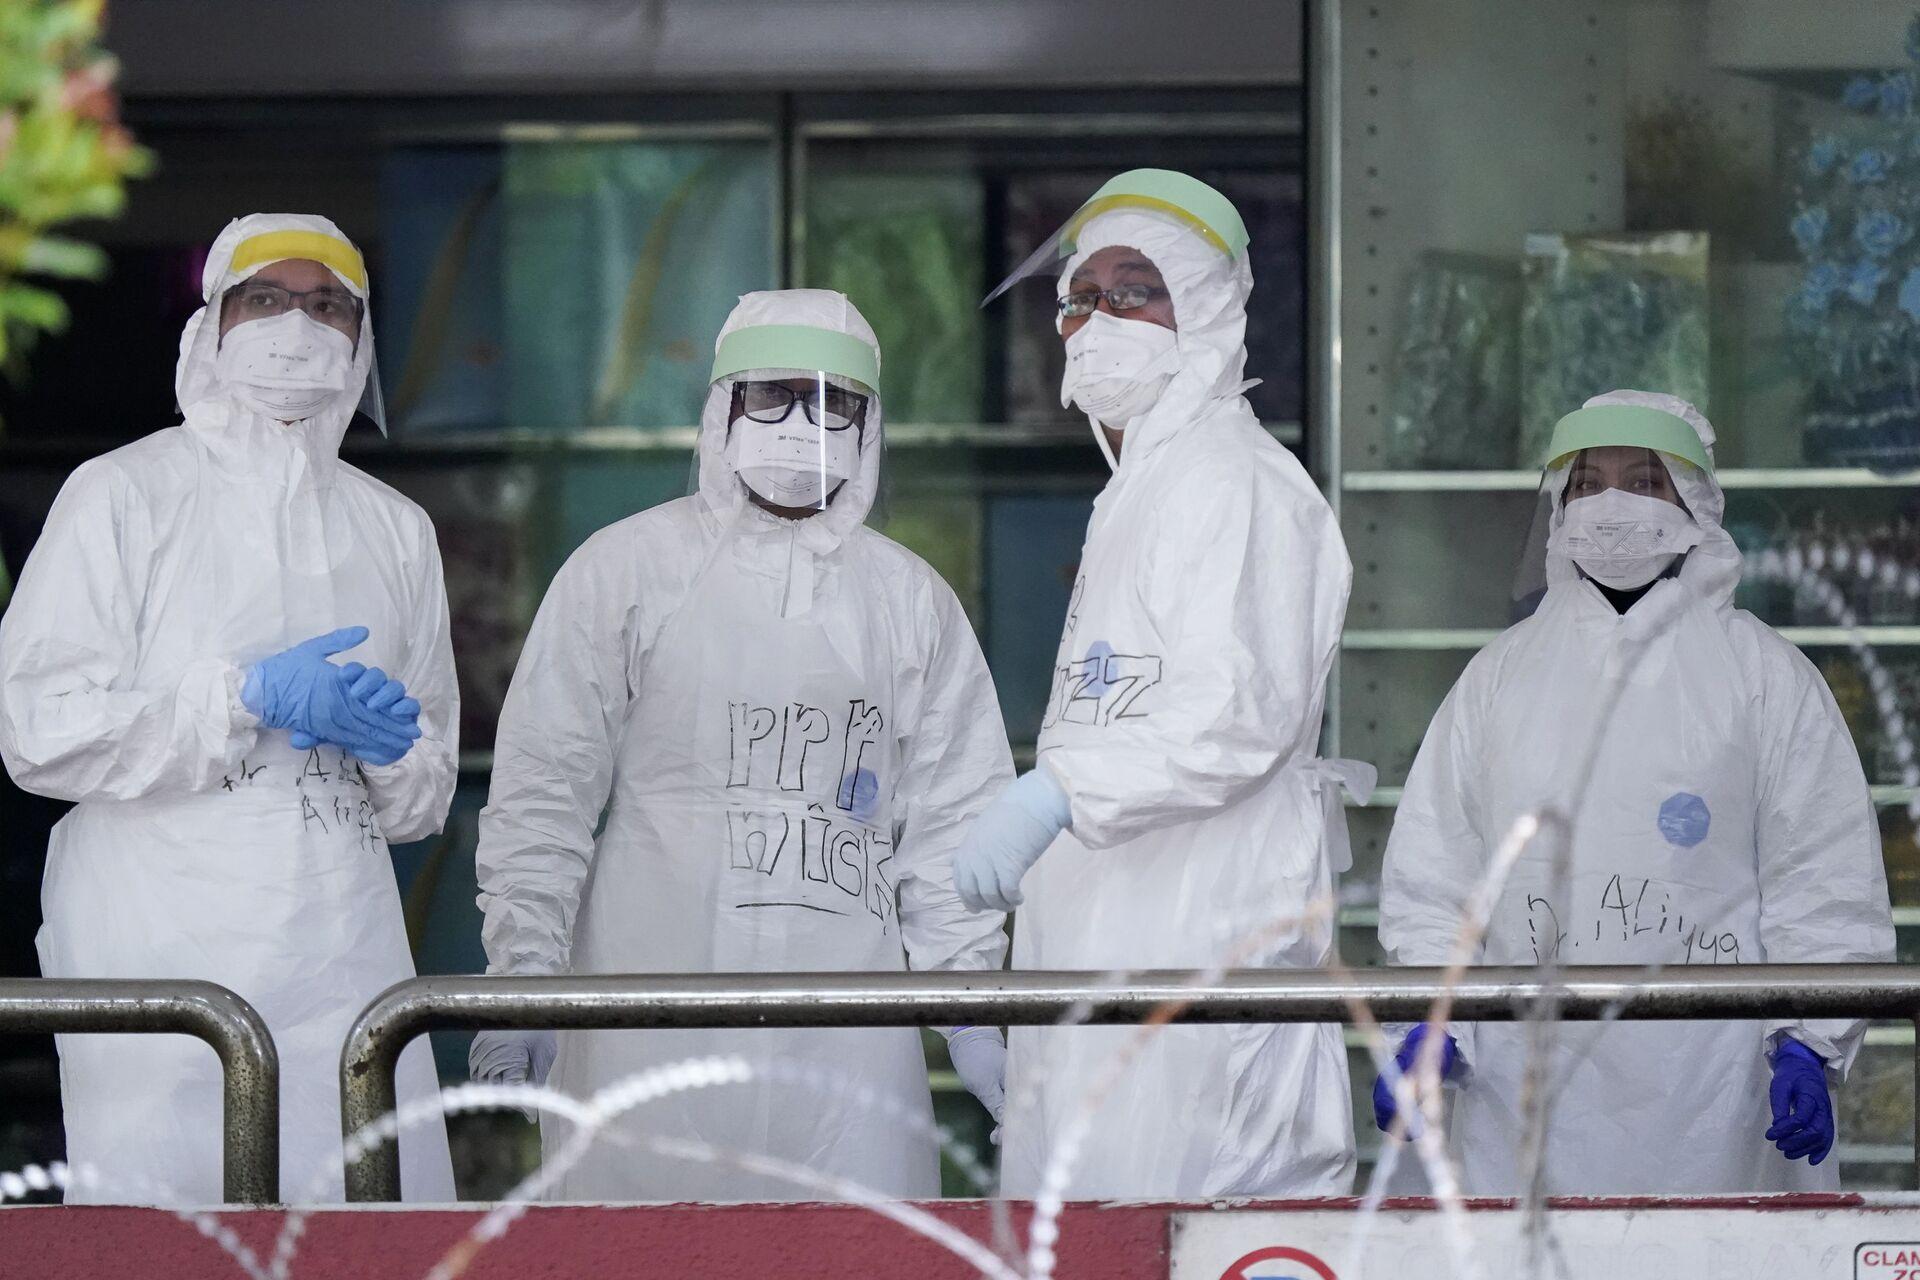 Ở những quốc gia đã kiềm chế coronavirus, xuất hiện thảm họa mới. Và dễ lây lan hơn - Sputnik Việt Nam, 1920, 30.06.2021